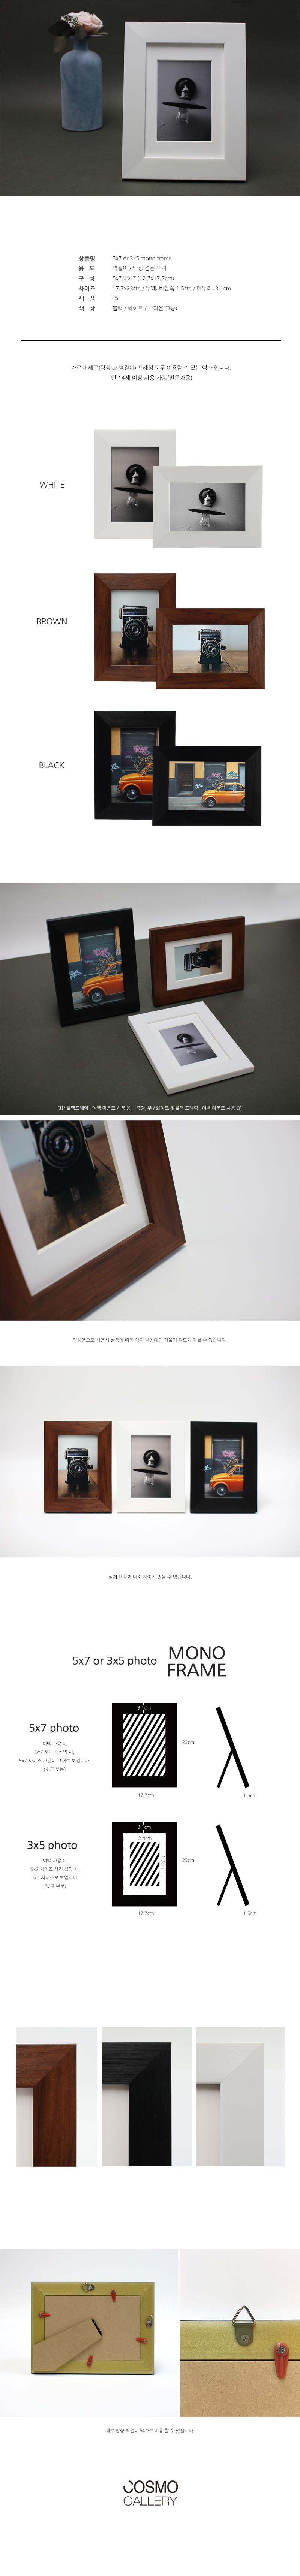 5x7 OR 3x5 MONO FRAME - 코즈모갤러리, 18,000원, 액자, 벽걸이액자